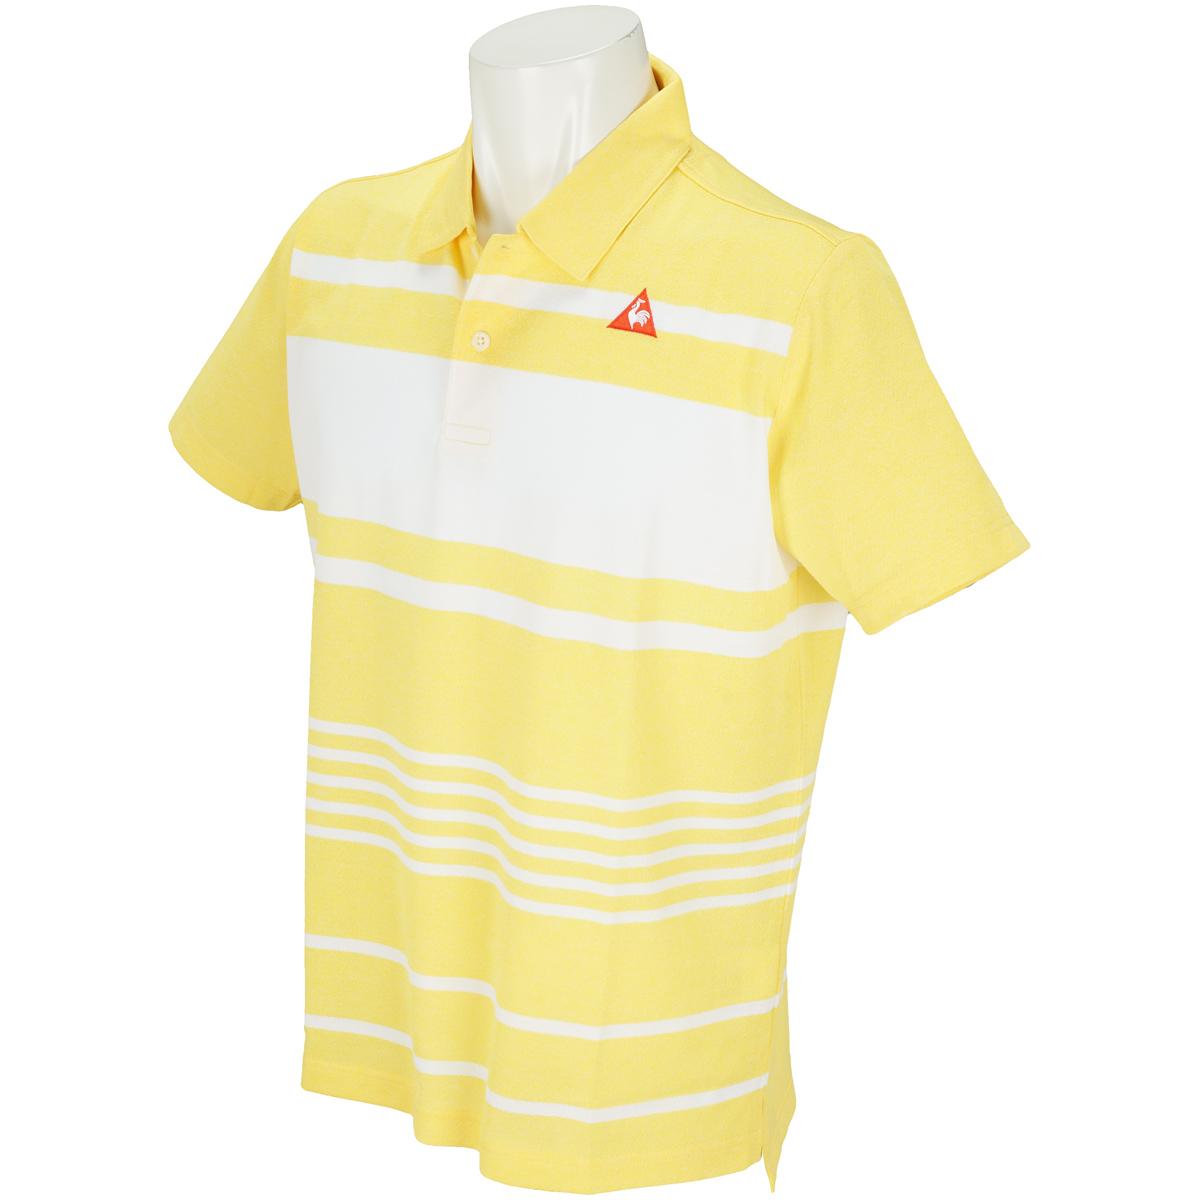 ランダムボーダー半袖ポロシャツ